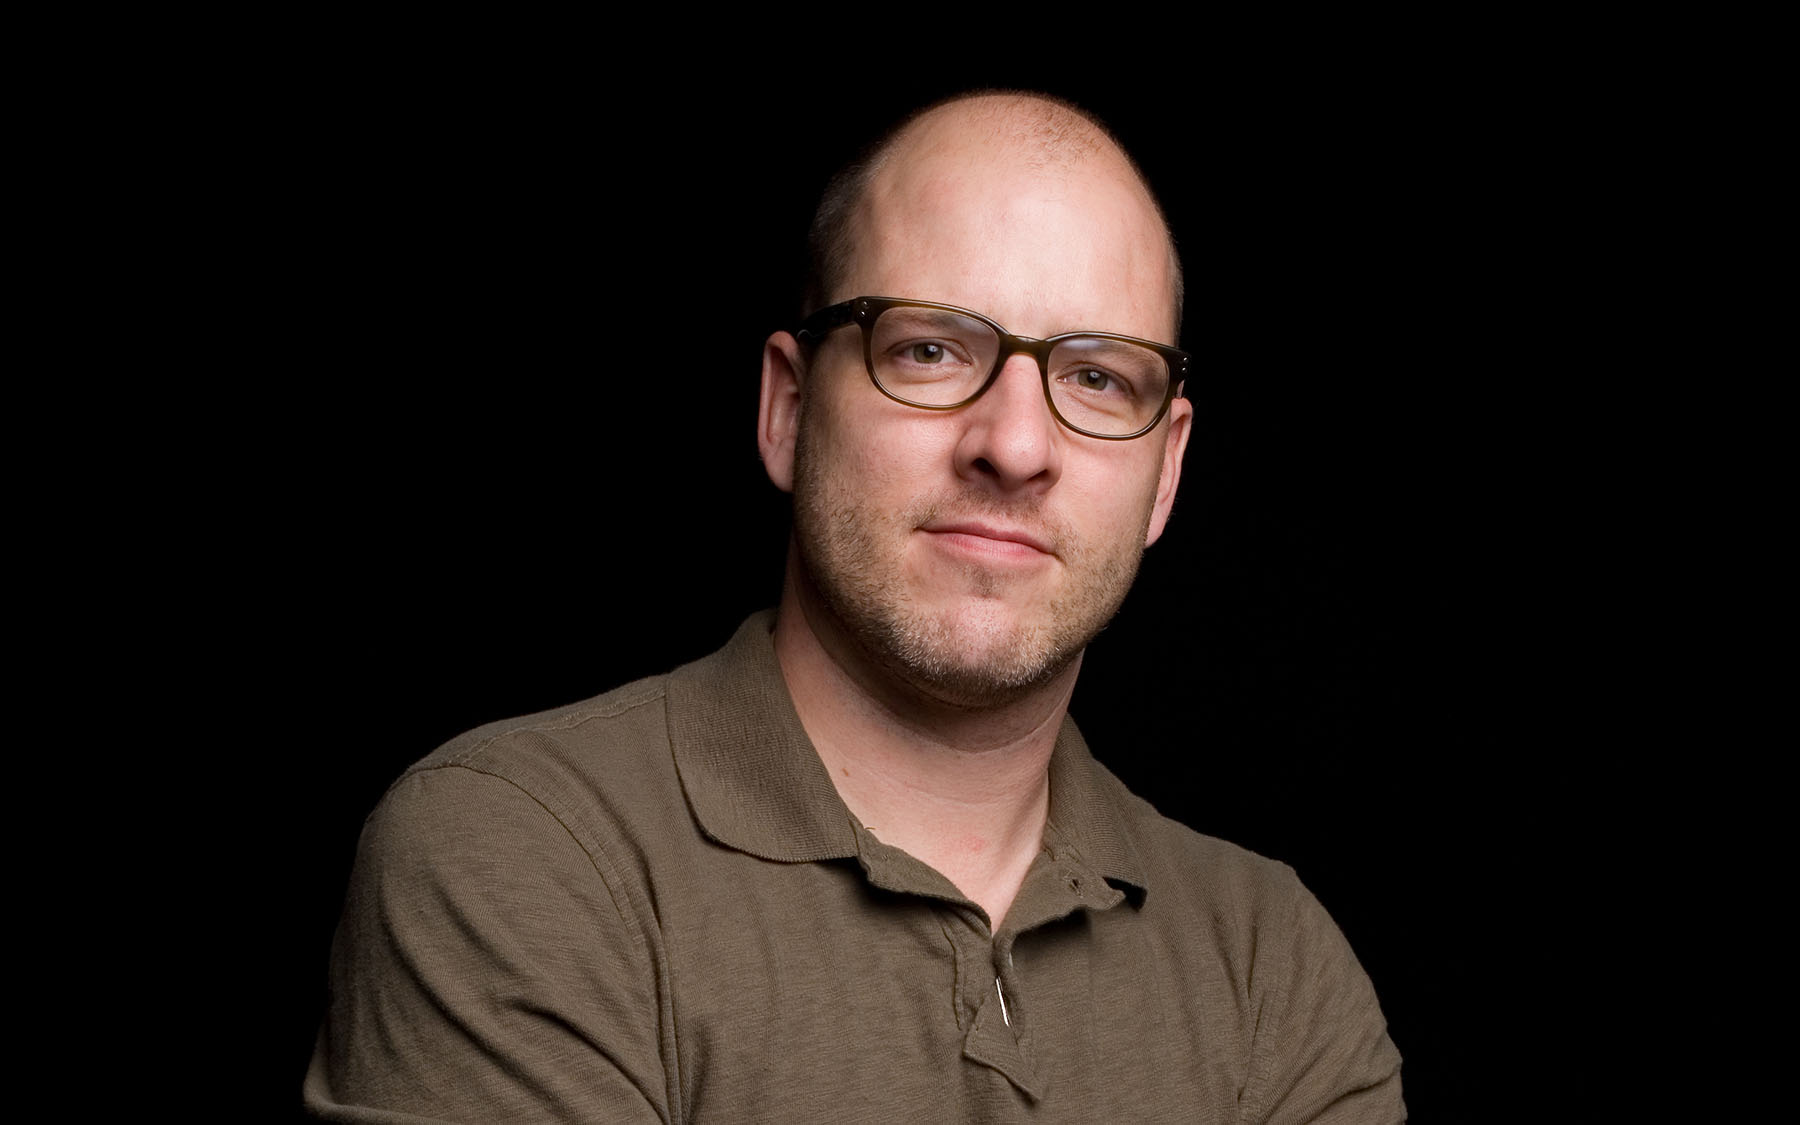 Chris Hammell